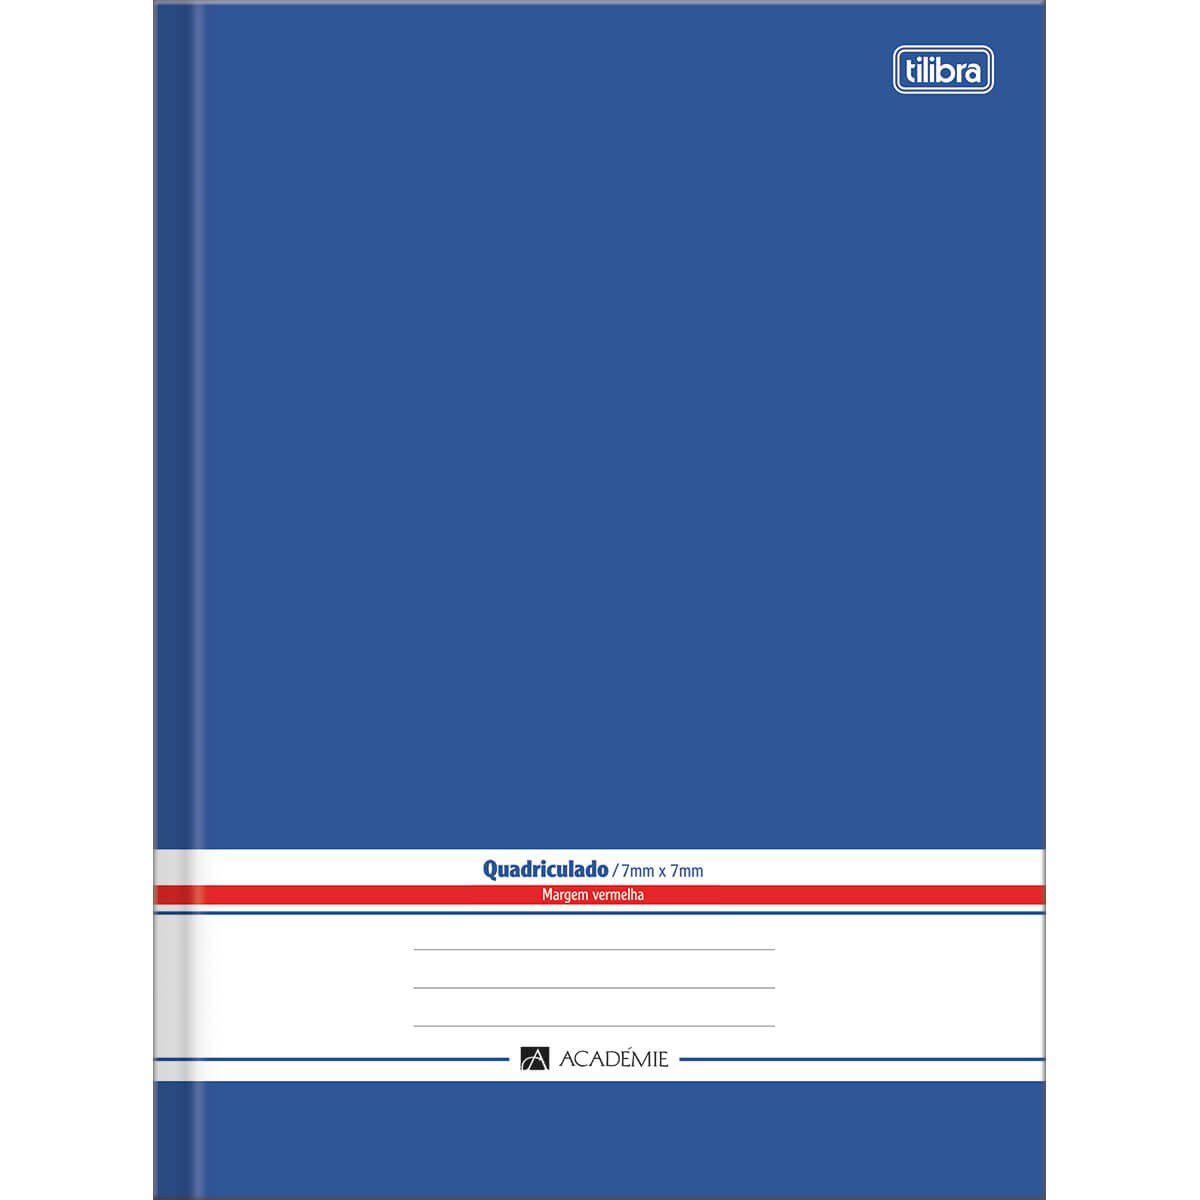 Caderno quadriculado 7x7 96 fls azul Academie Tilibra